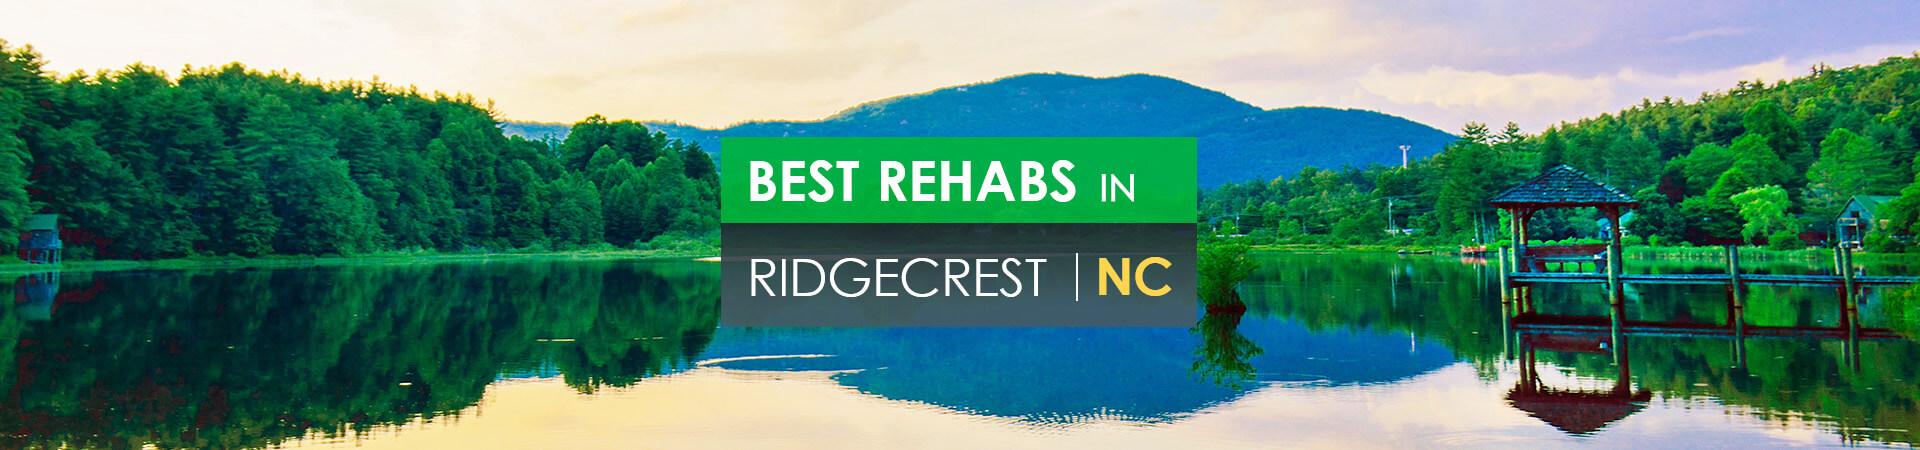 Best rehabs in Ridgecrest, NC